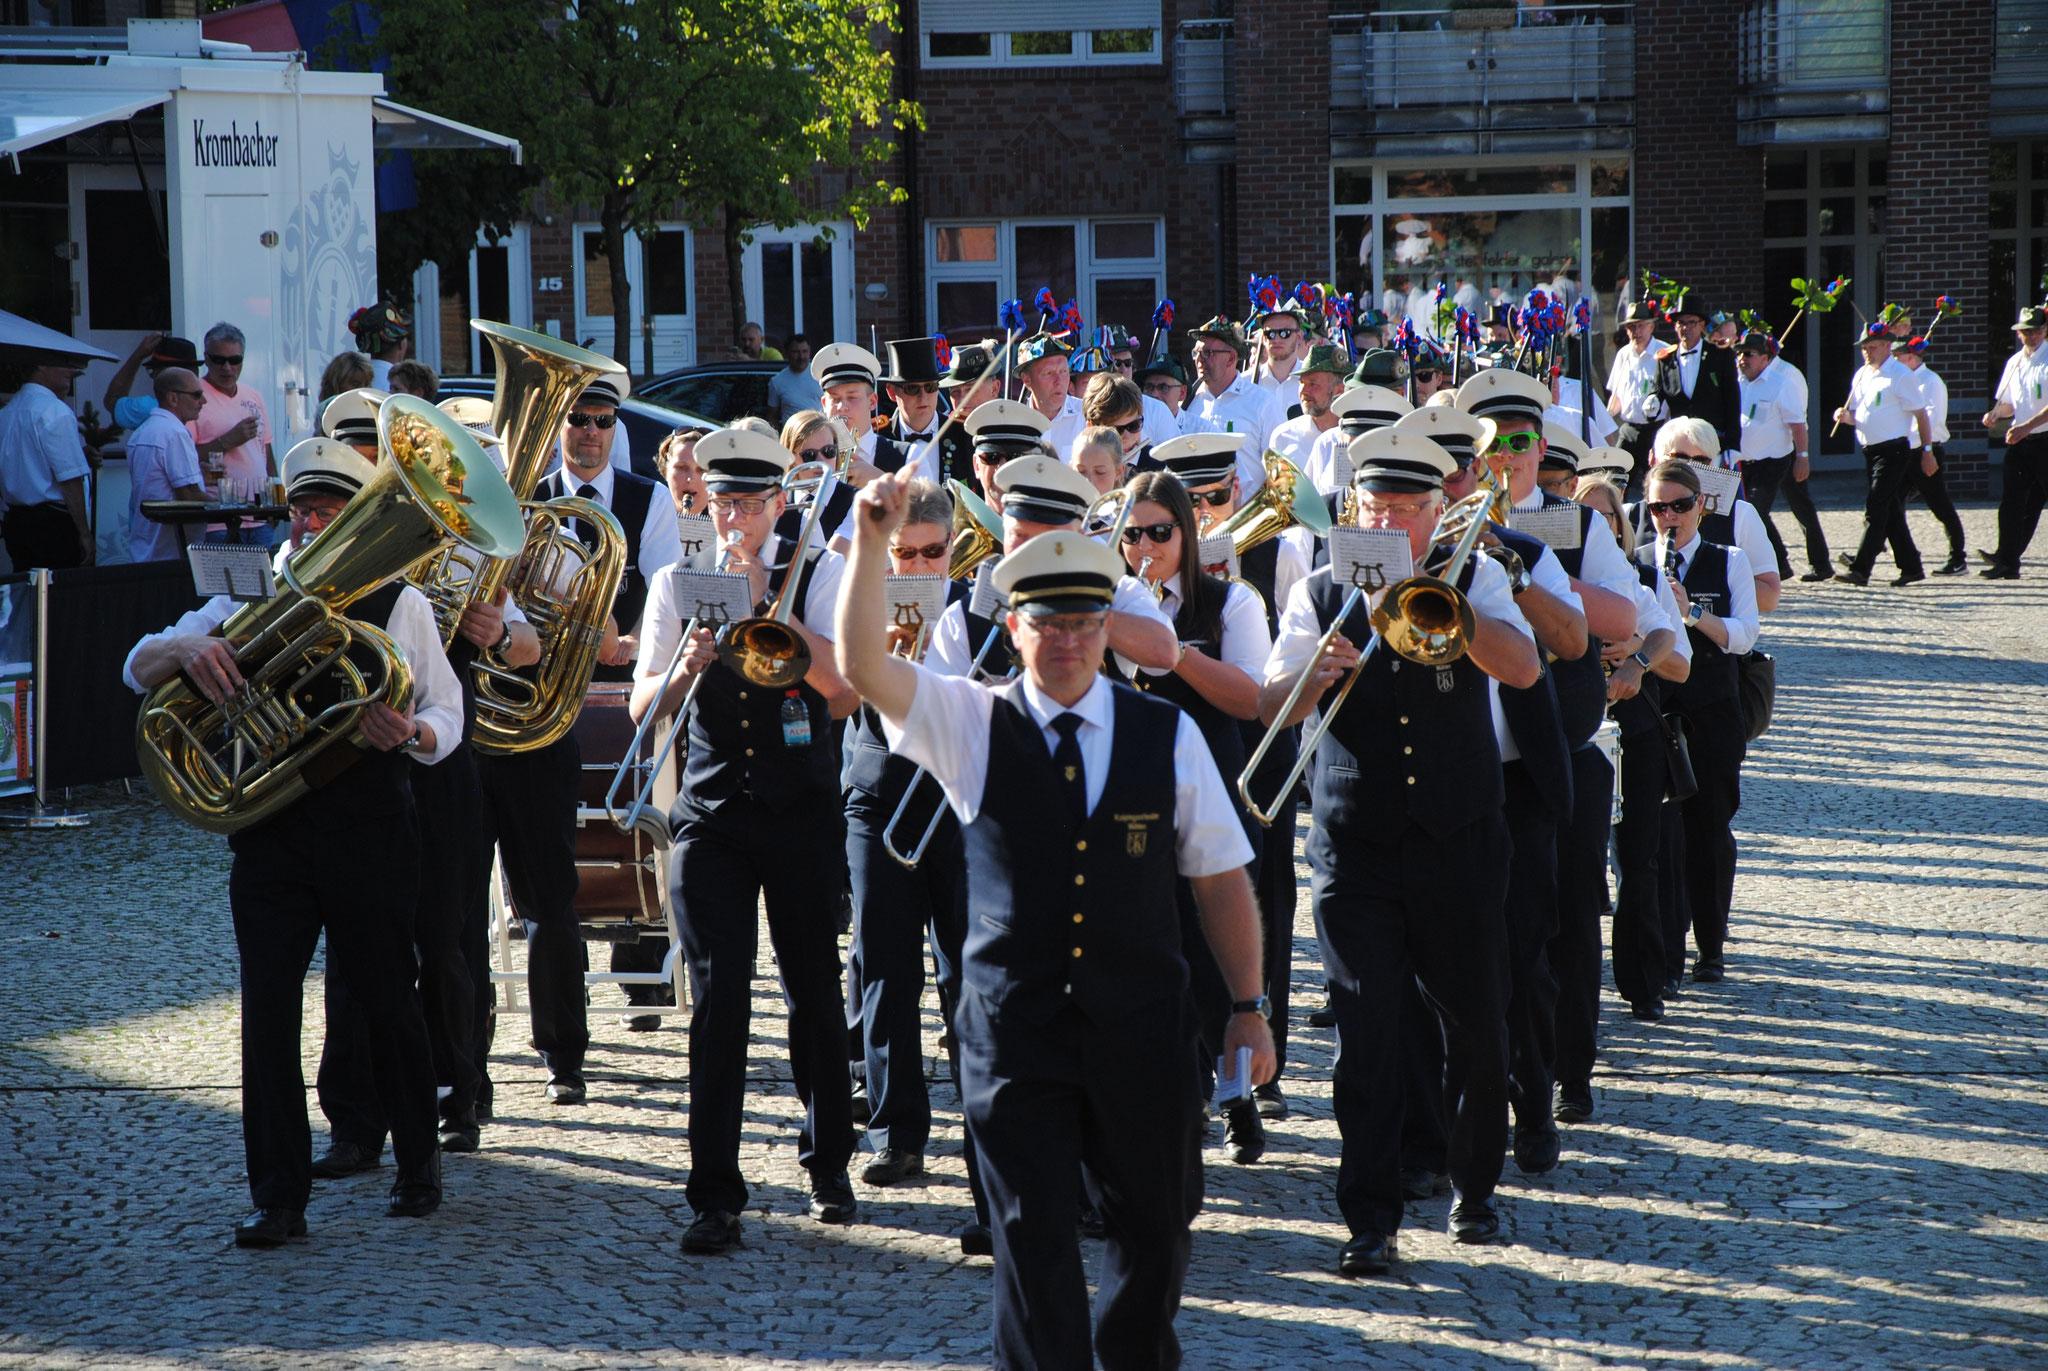 Das Regiment wird immer von vielen Orchestern unterstützt